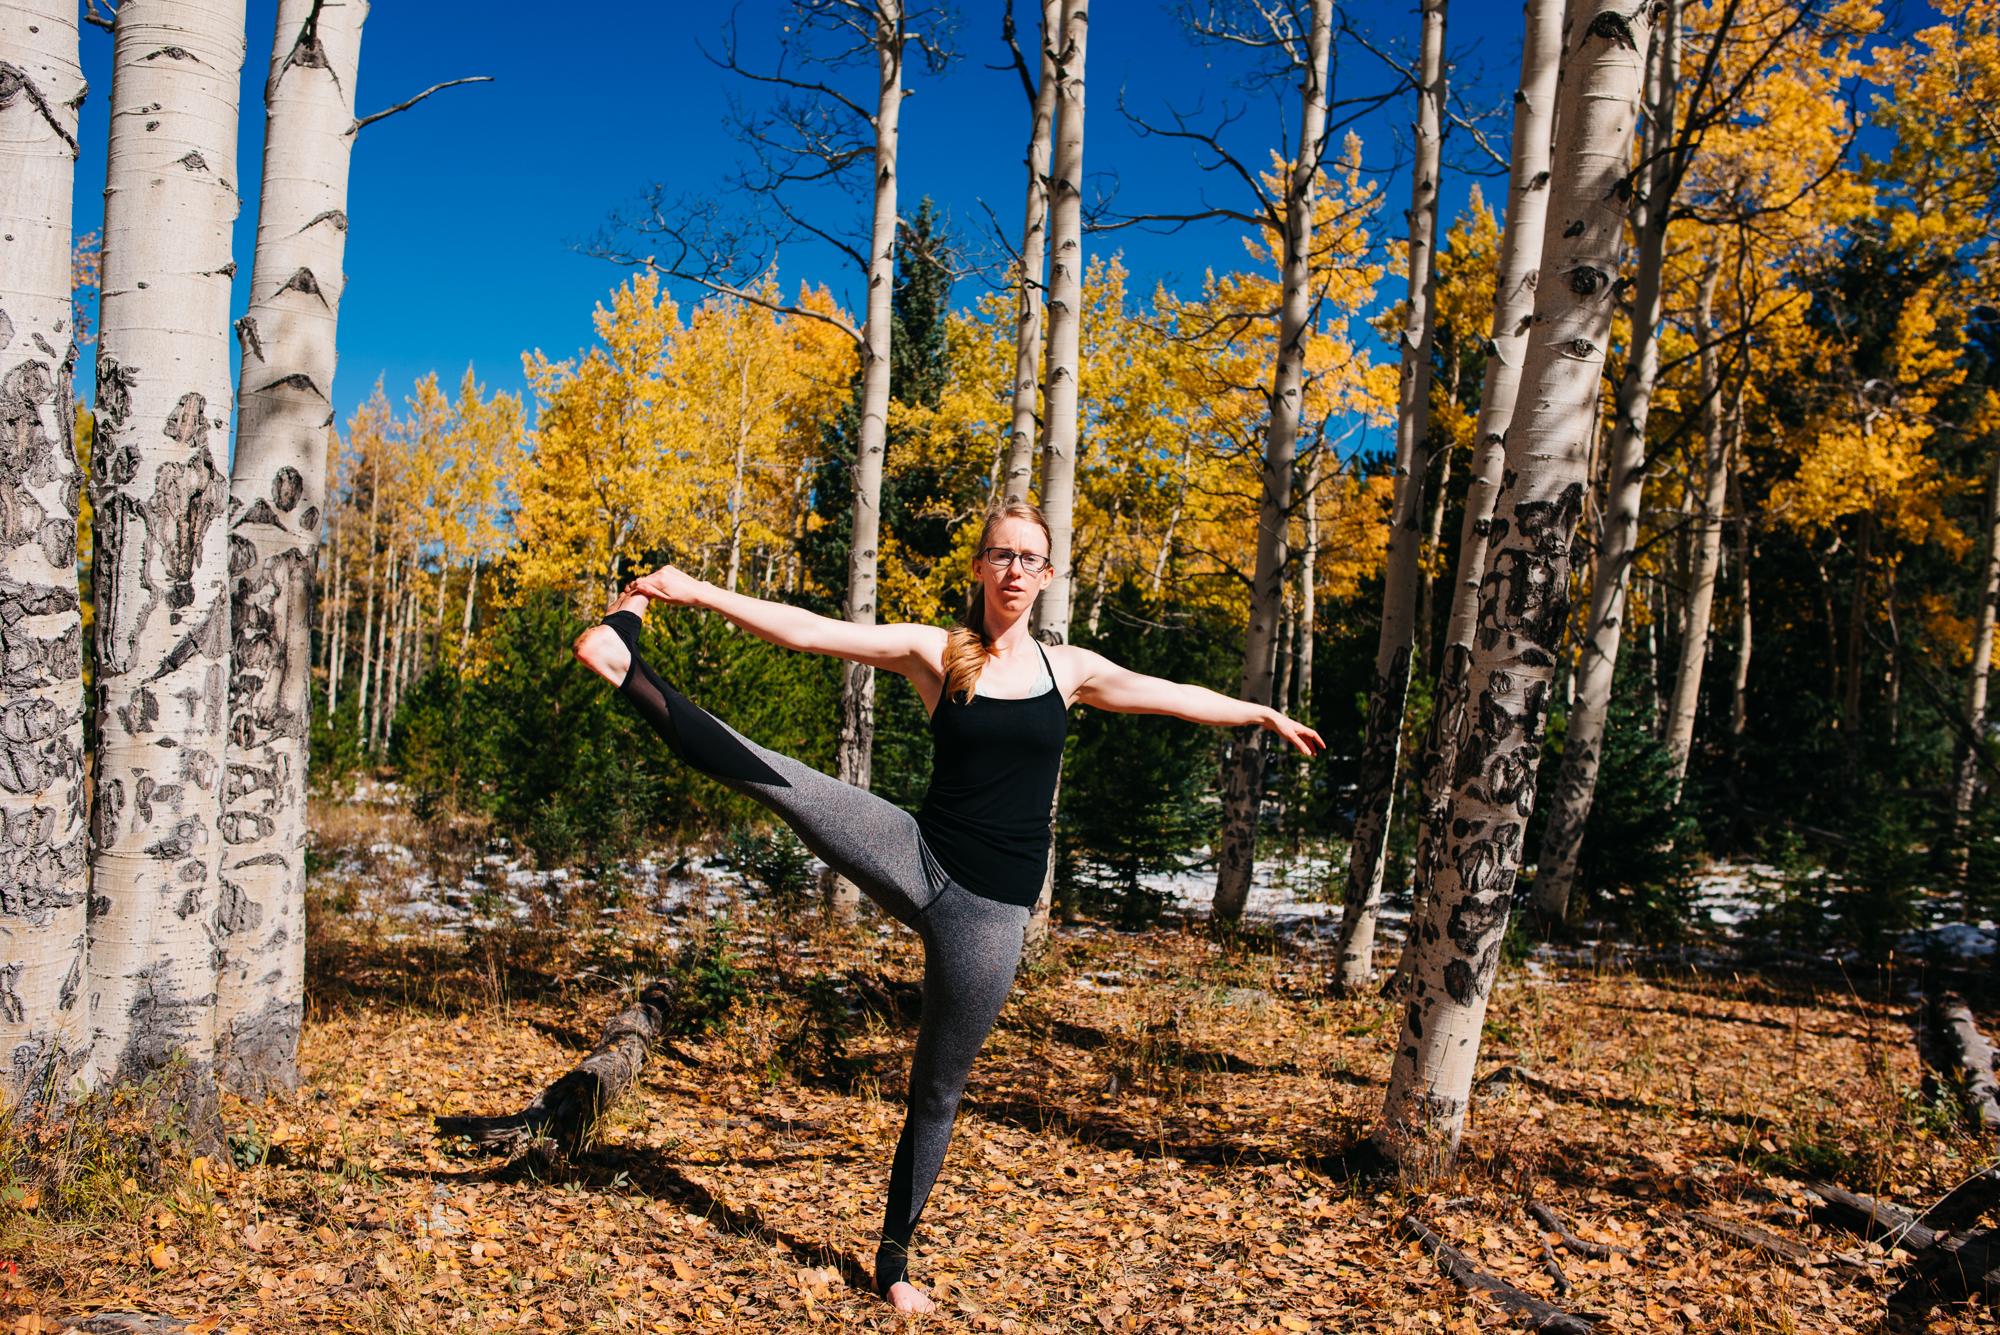 24-colorado-ballet-photographer-colorado-yoga-photographer-colorado-dance-photographer-denver-dance-photographer-denver-yoga-photographer-traveling-dance-photographerDSC_6724.jpg